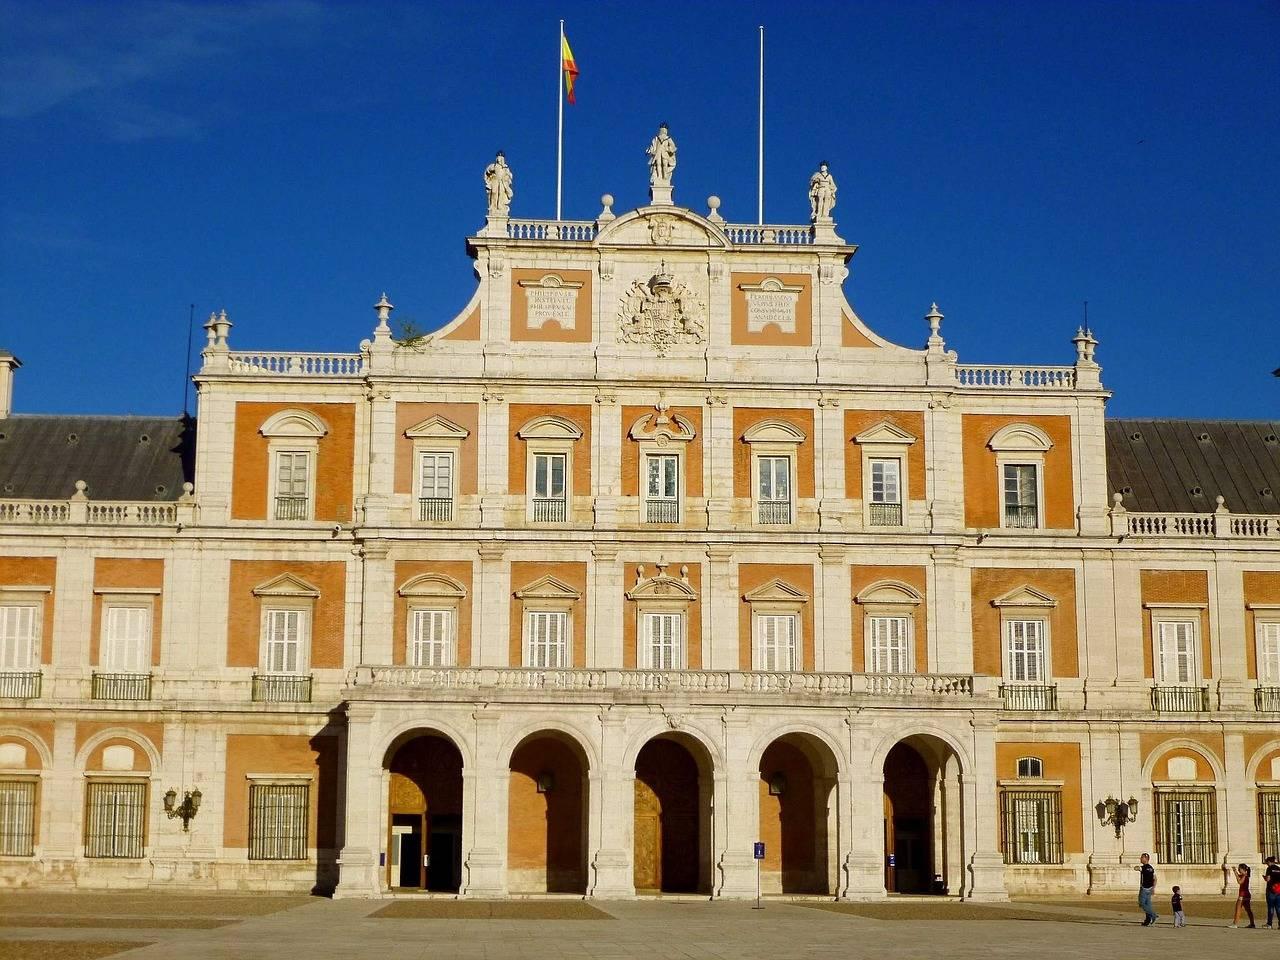 Королевский дворец в мадриде: где находится восточный дворец, история, фото интерьера